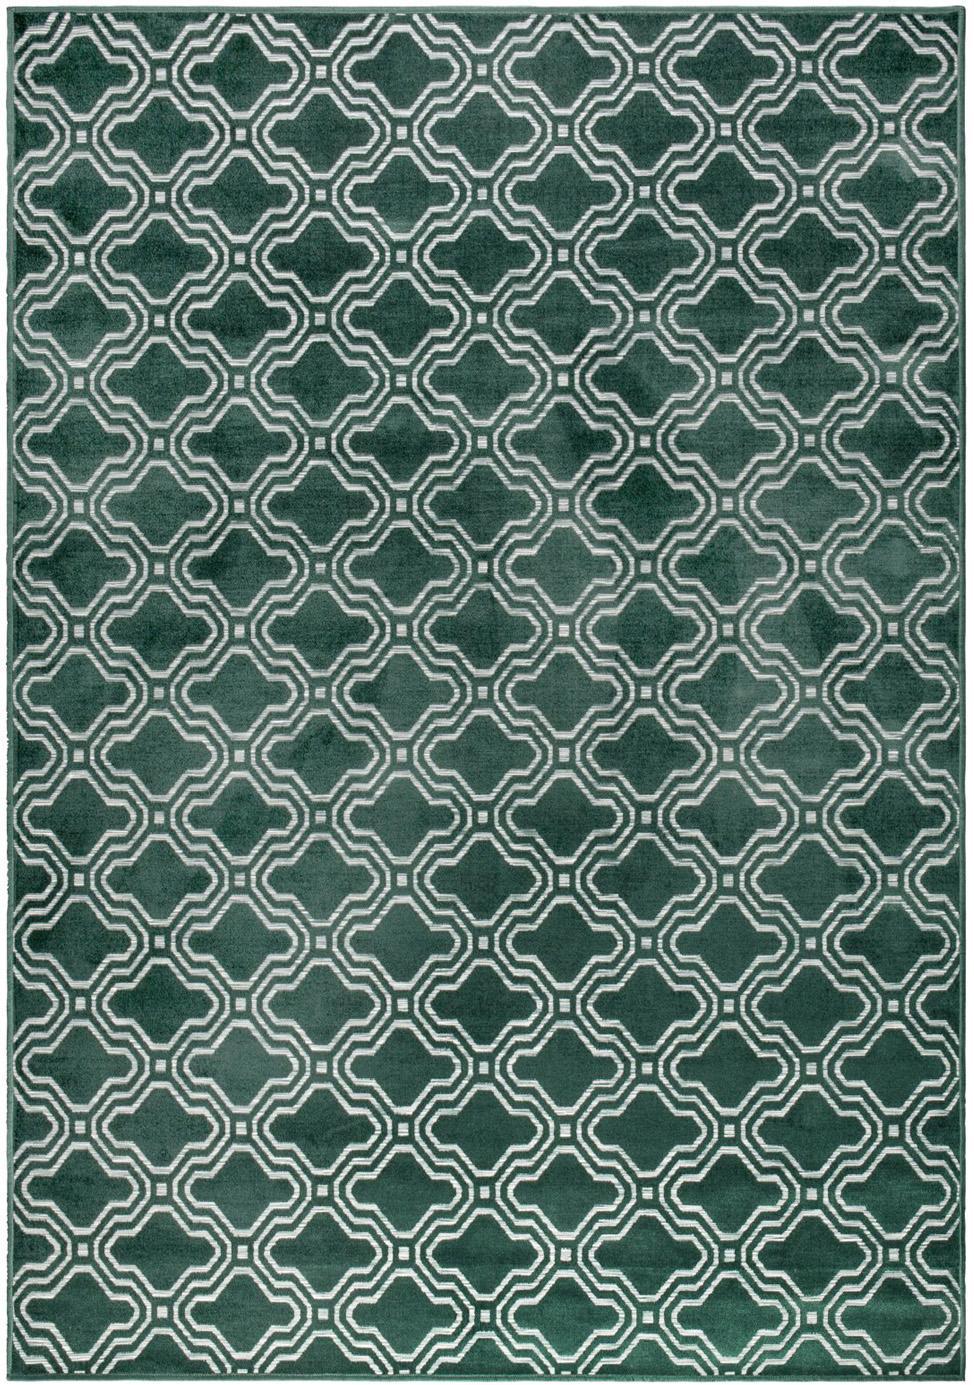 Tappeto con effetto a rilievo Feike, Vello: 52% viscosa, 36% cotone, , Retro: retro in gomma sintetica, Verde, Larg. 160 x Lung. 230 cm